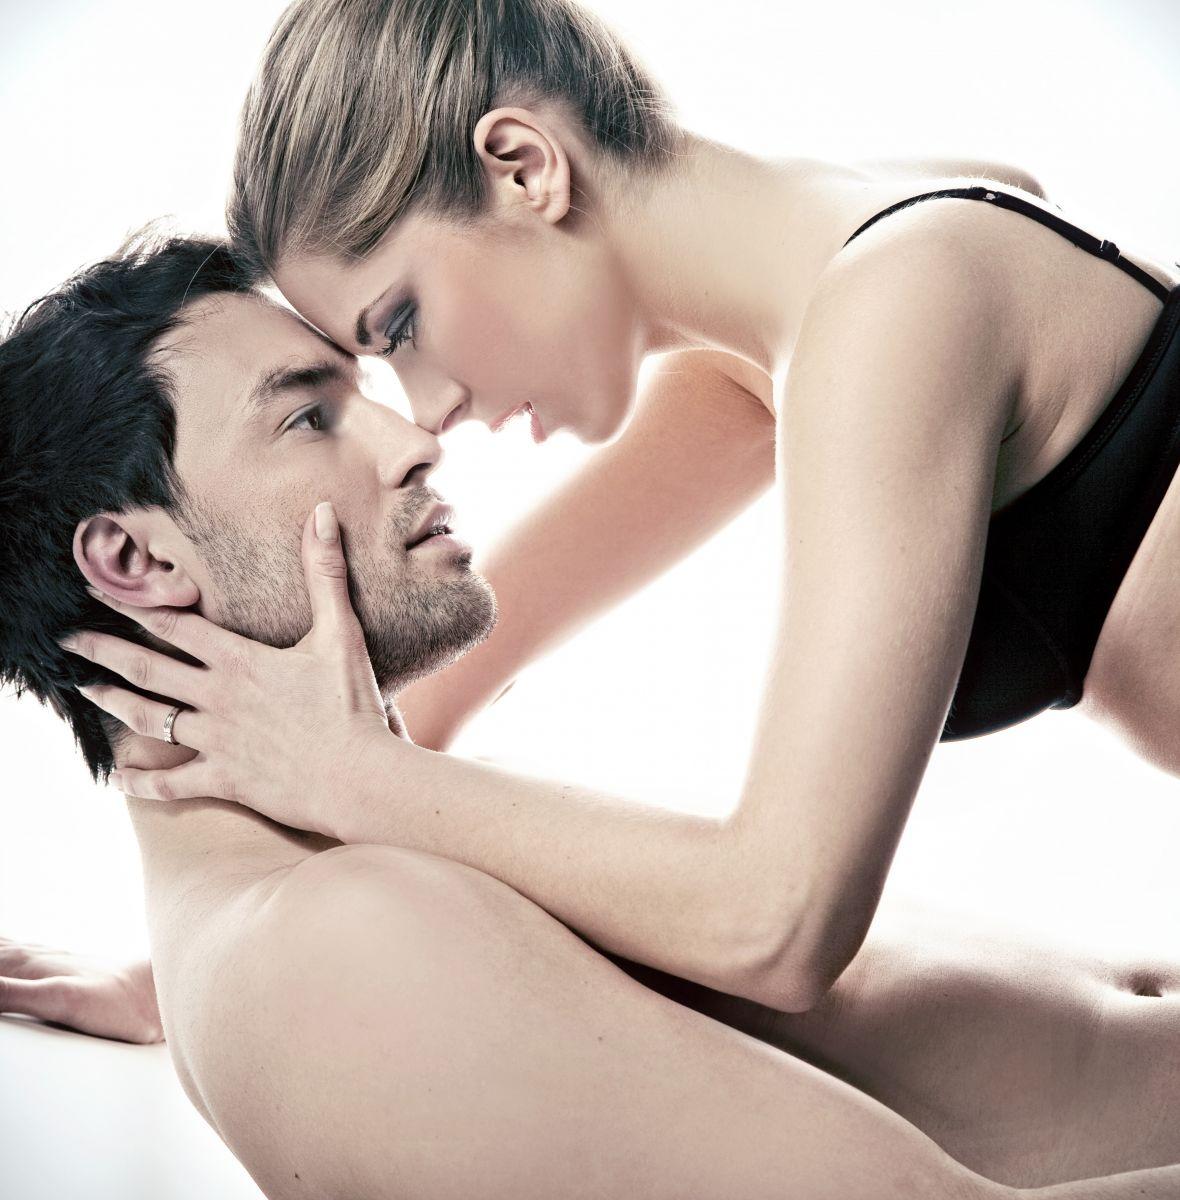 зигмунд фрейд секс теория бессознательного